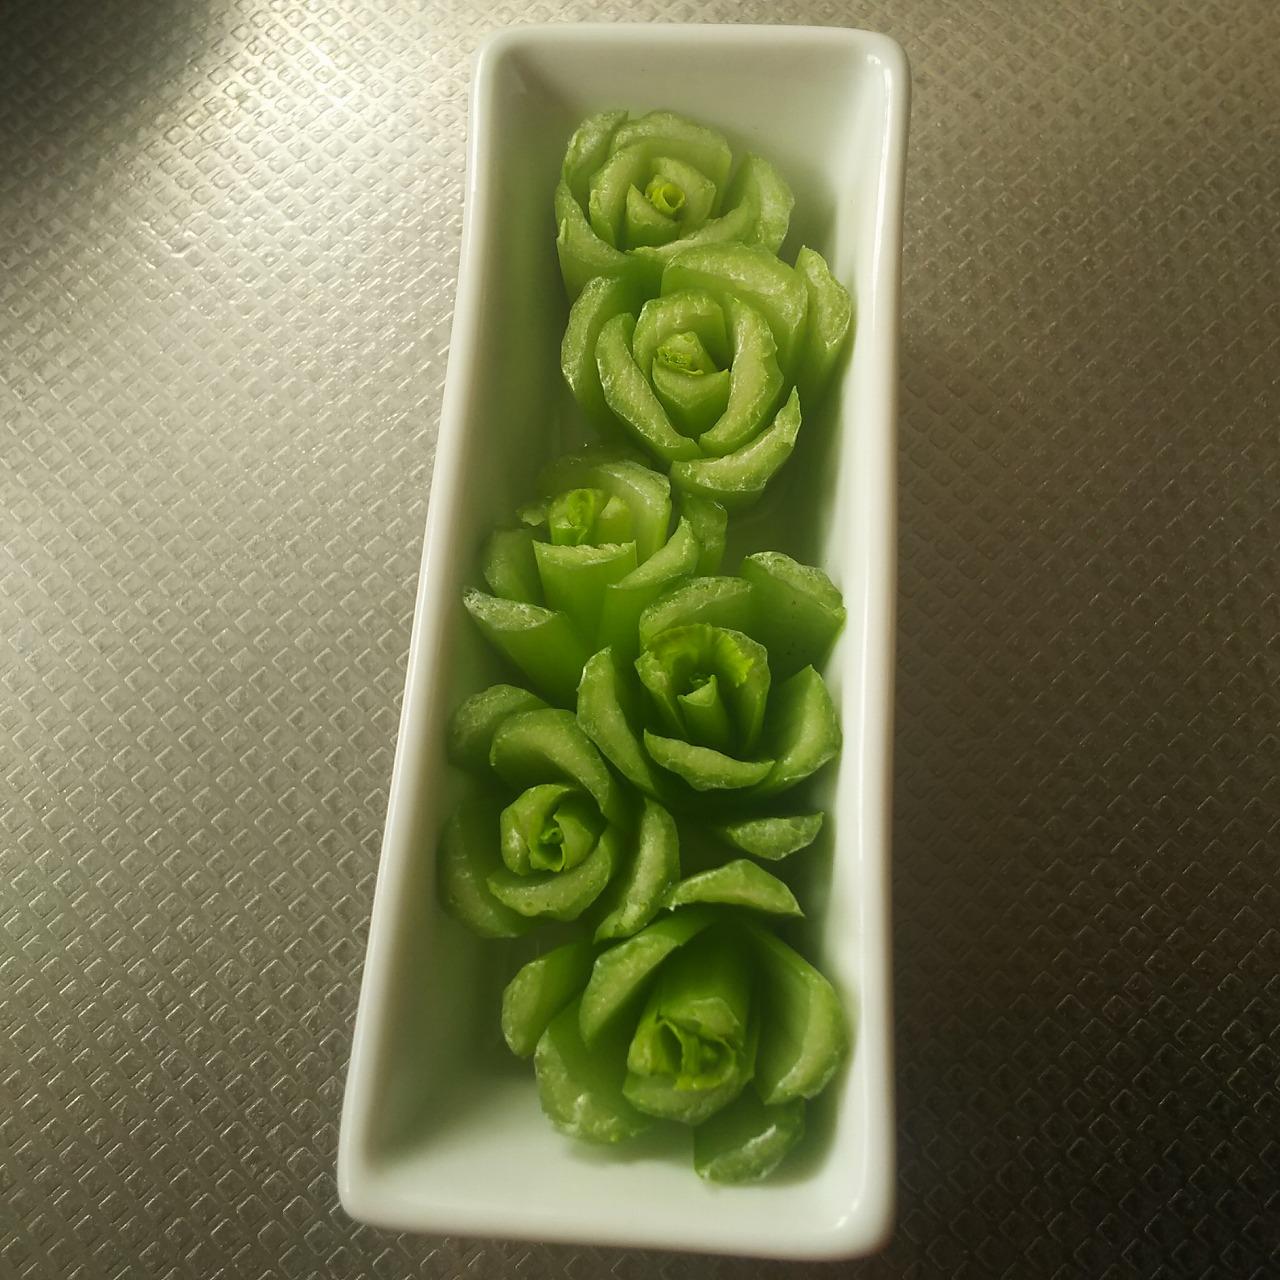 小松菜の切れ端